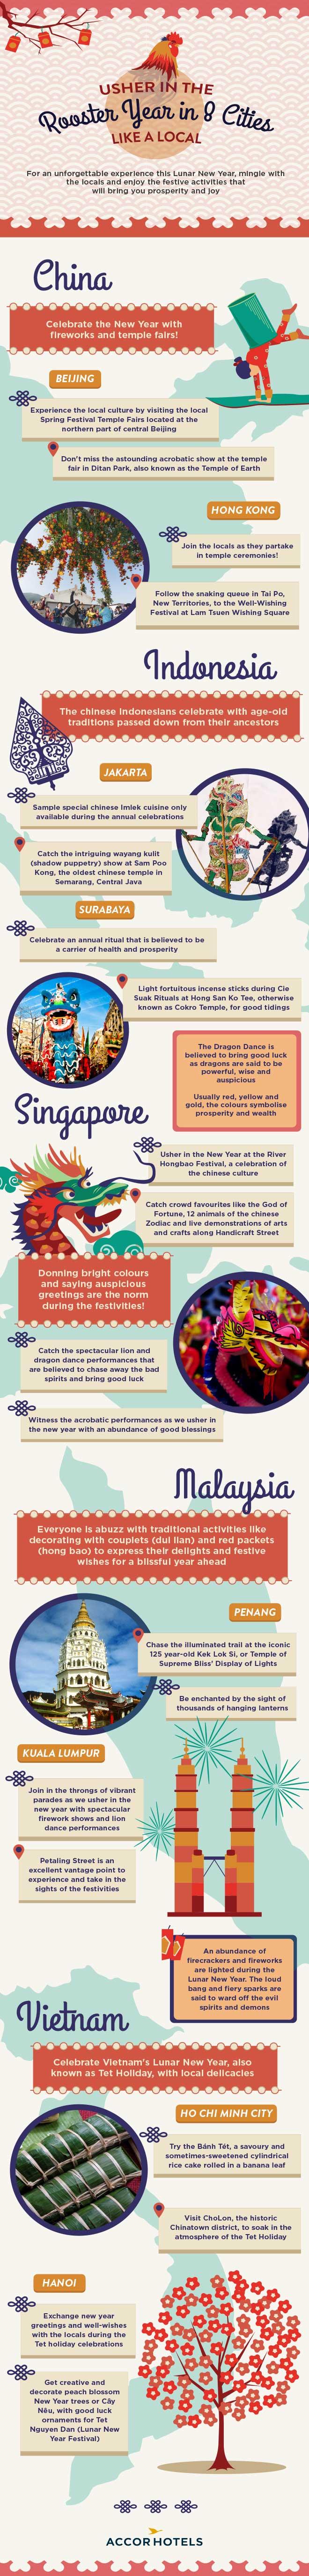 Lunar New Year Festive celebrations food